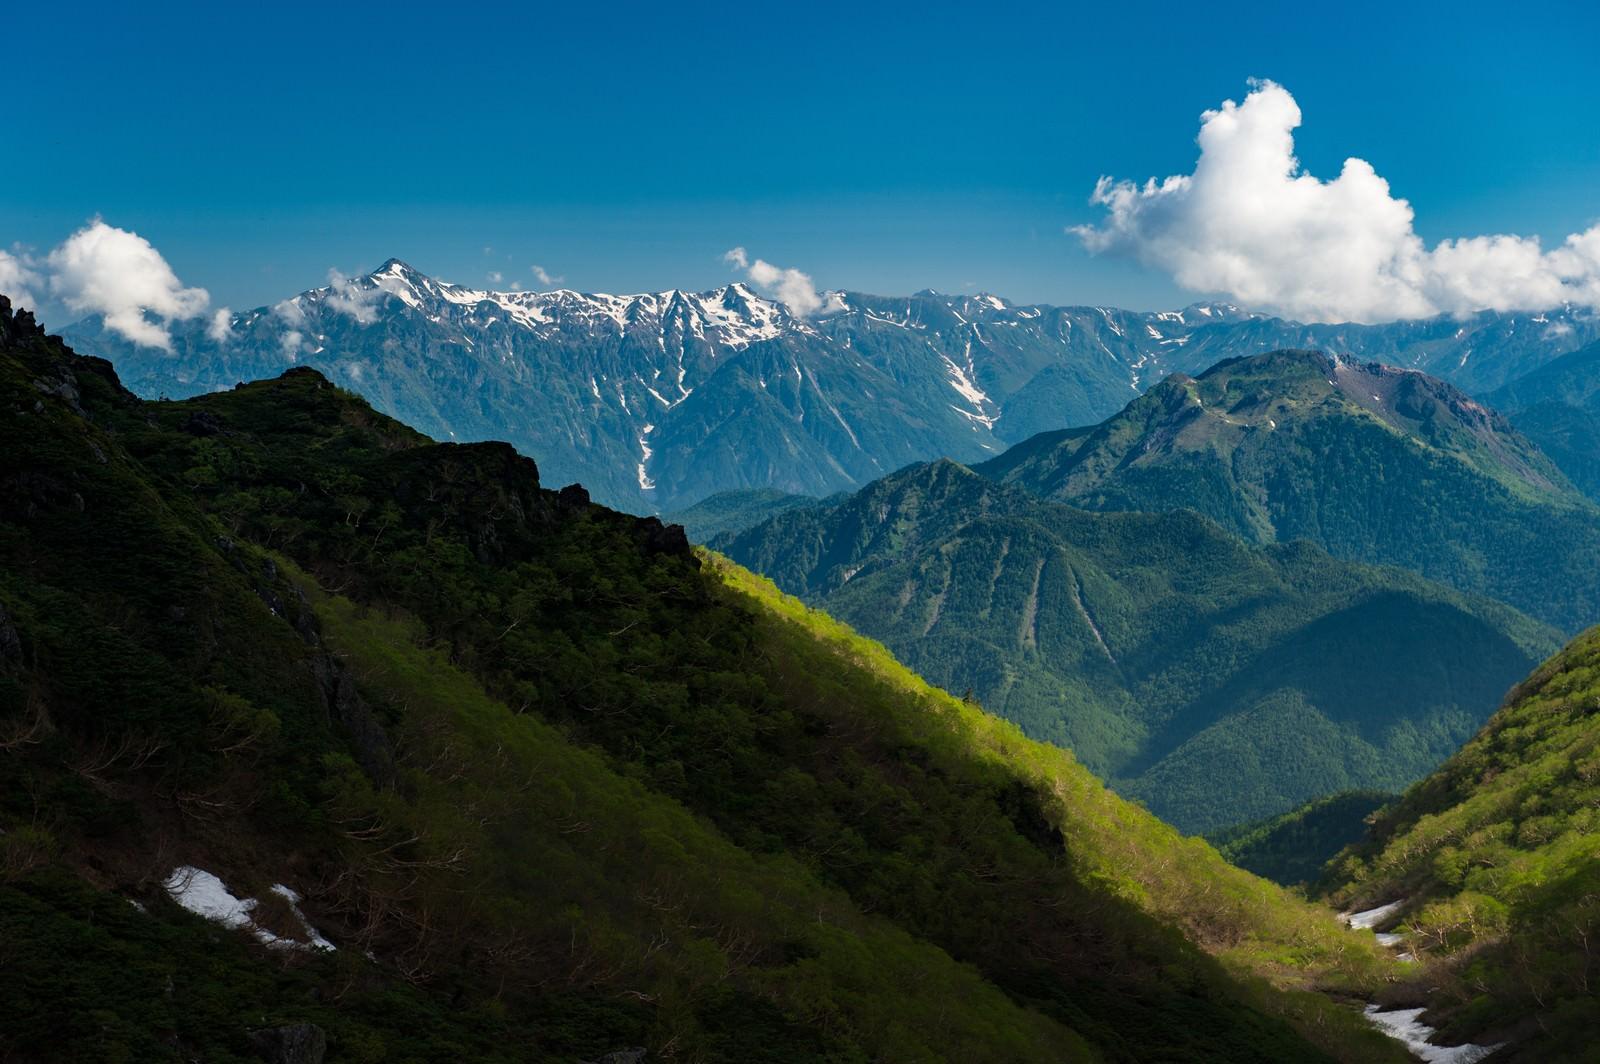 「北アルプスを一望できる晴れた日の乗鞍新登山道」の写真